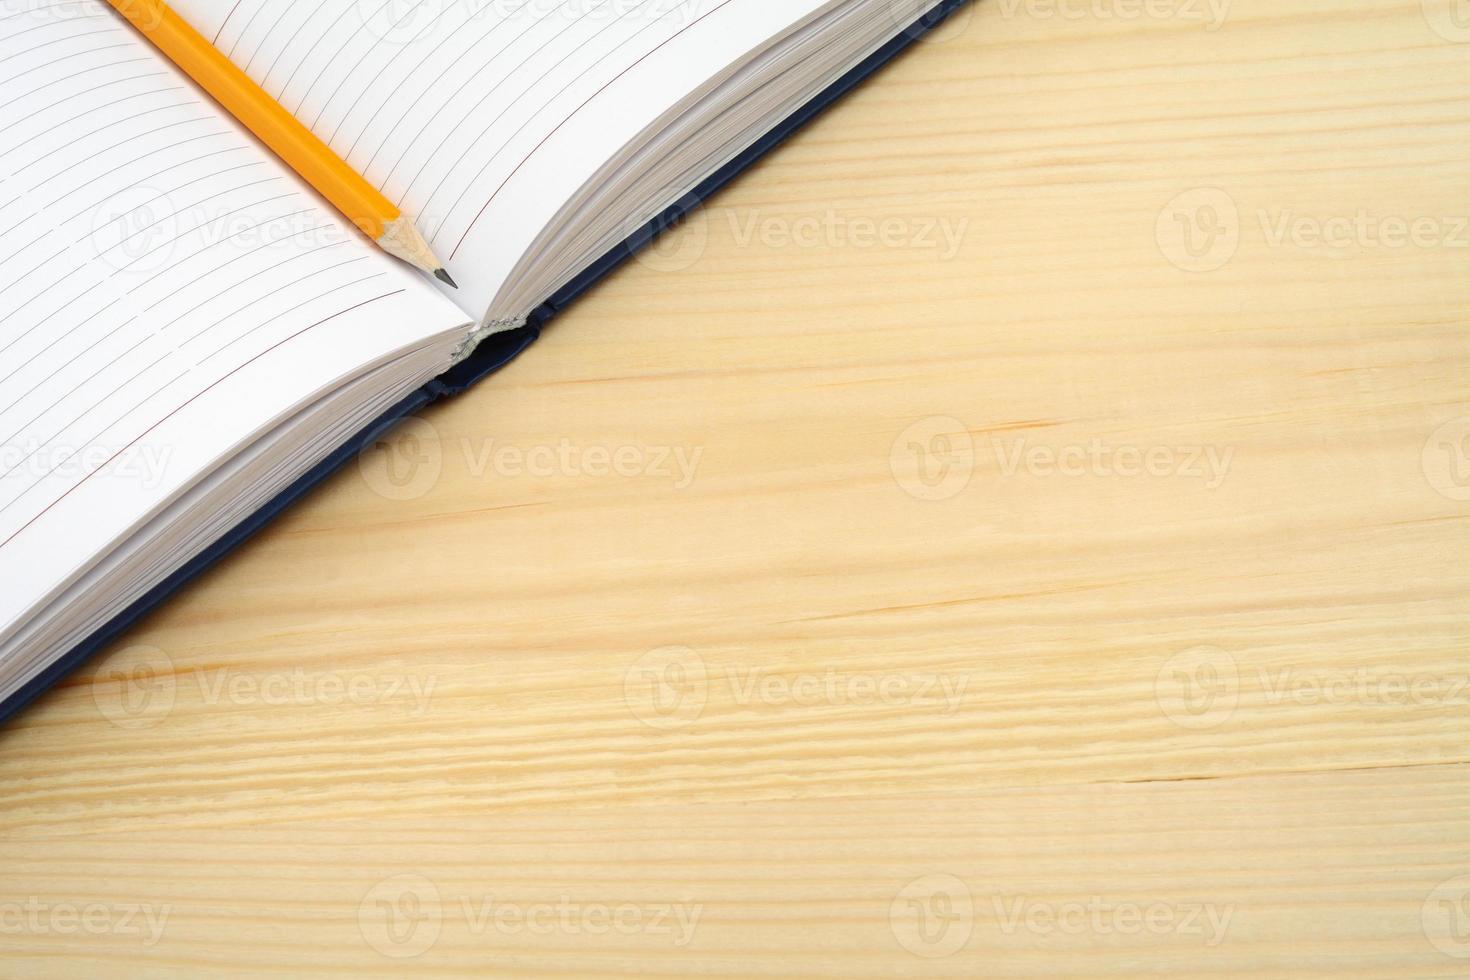 dagbok och penna på träbord med fri textutrymme. foto